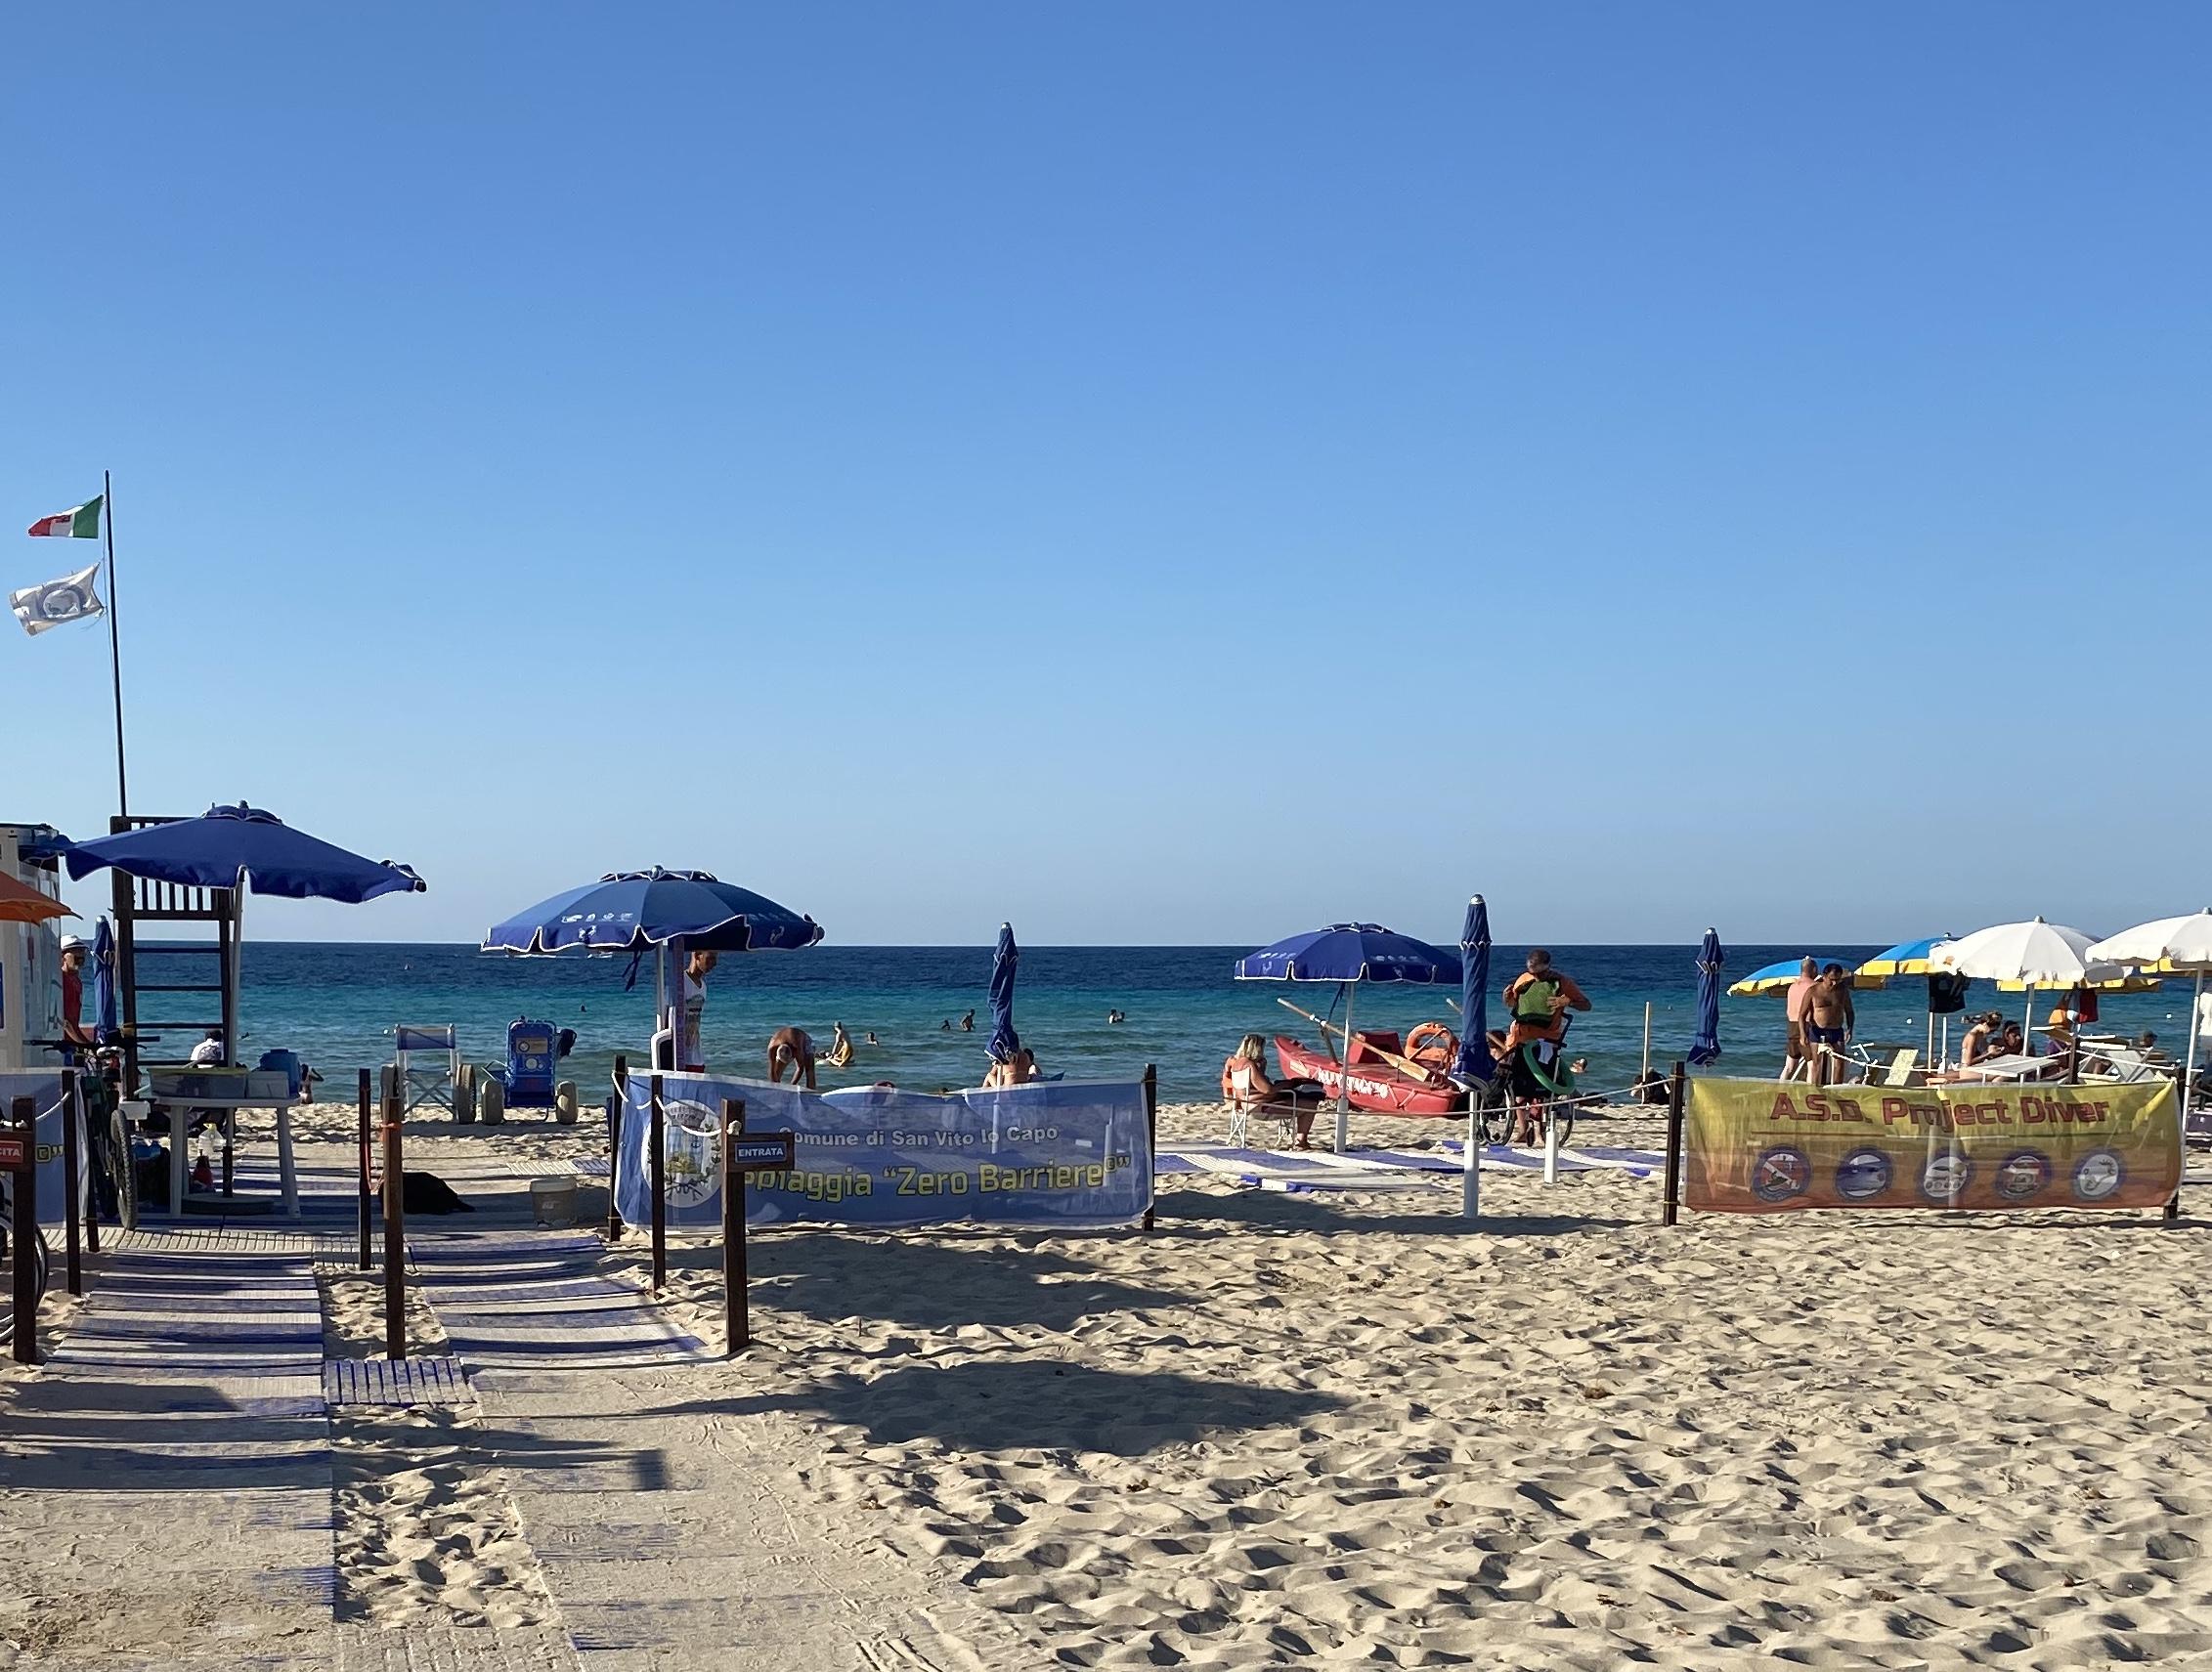 """""""Zero barriere 2020"""": operativa fino al 30 settembre la spiaggia per disabili a San Vito"""